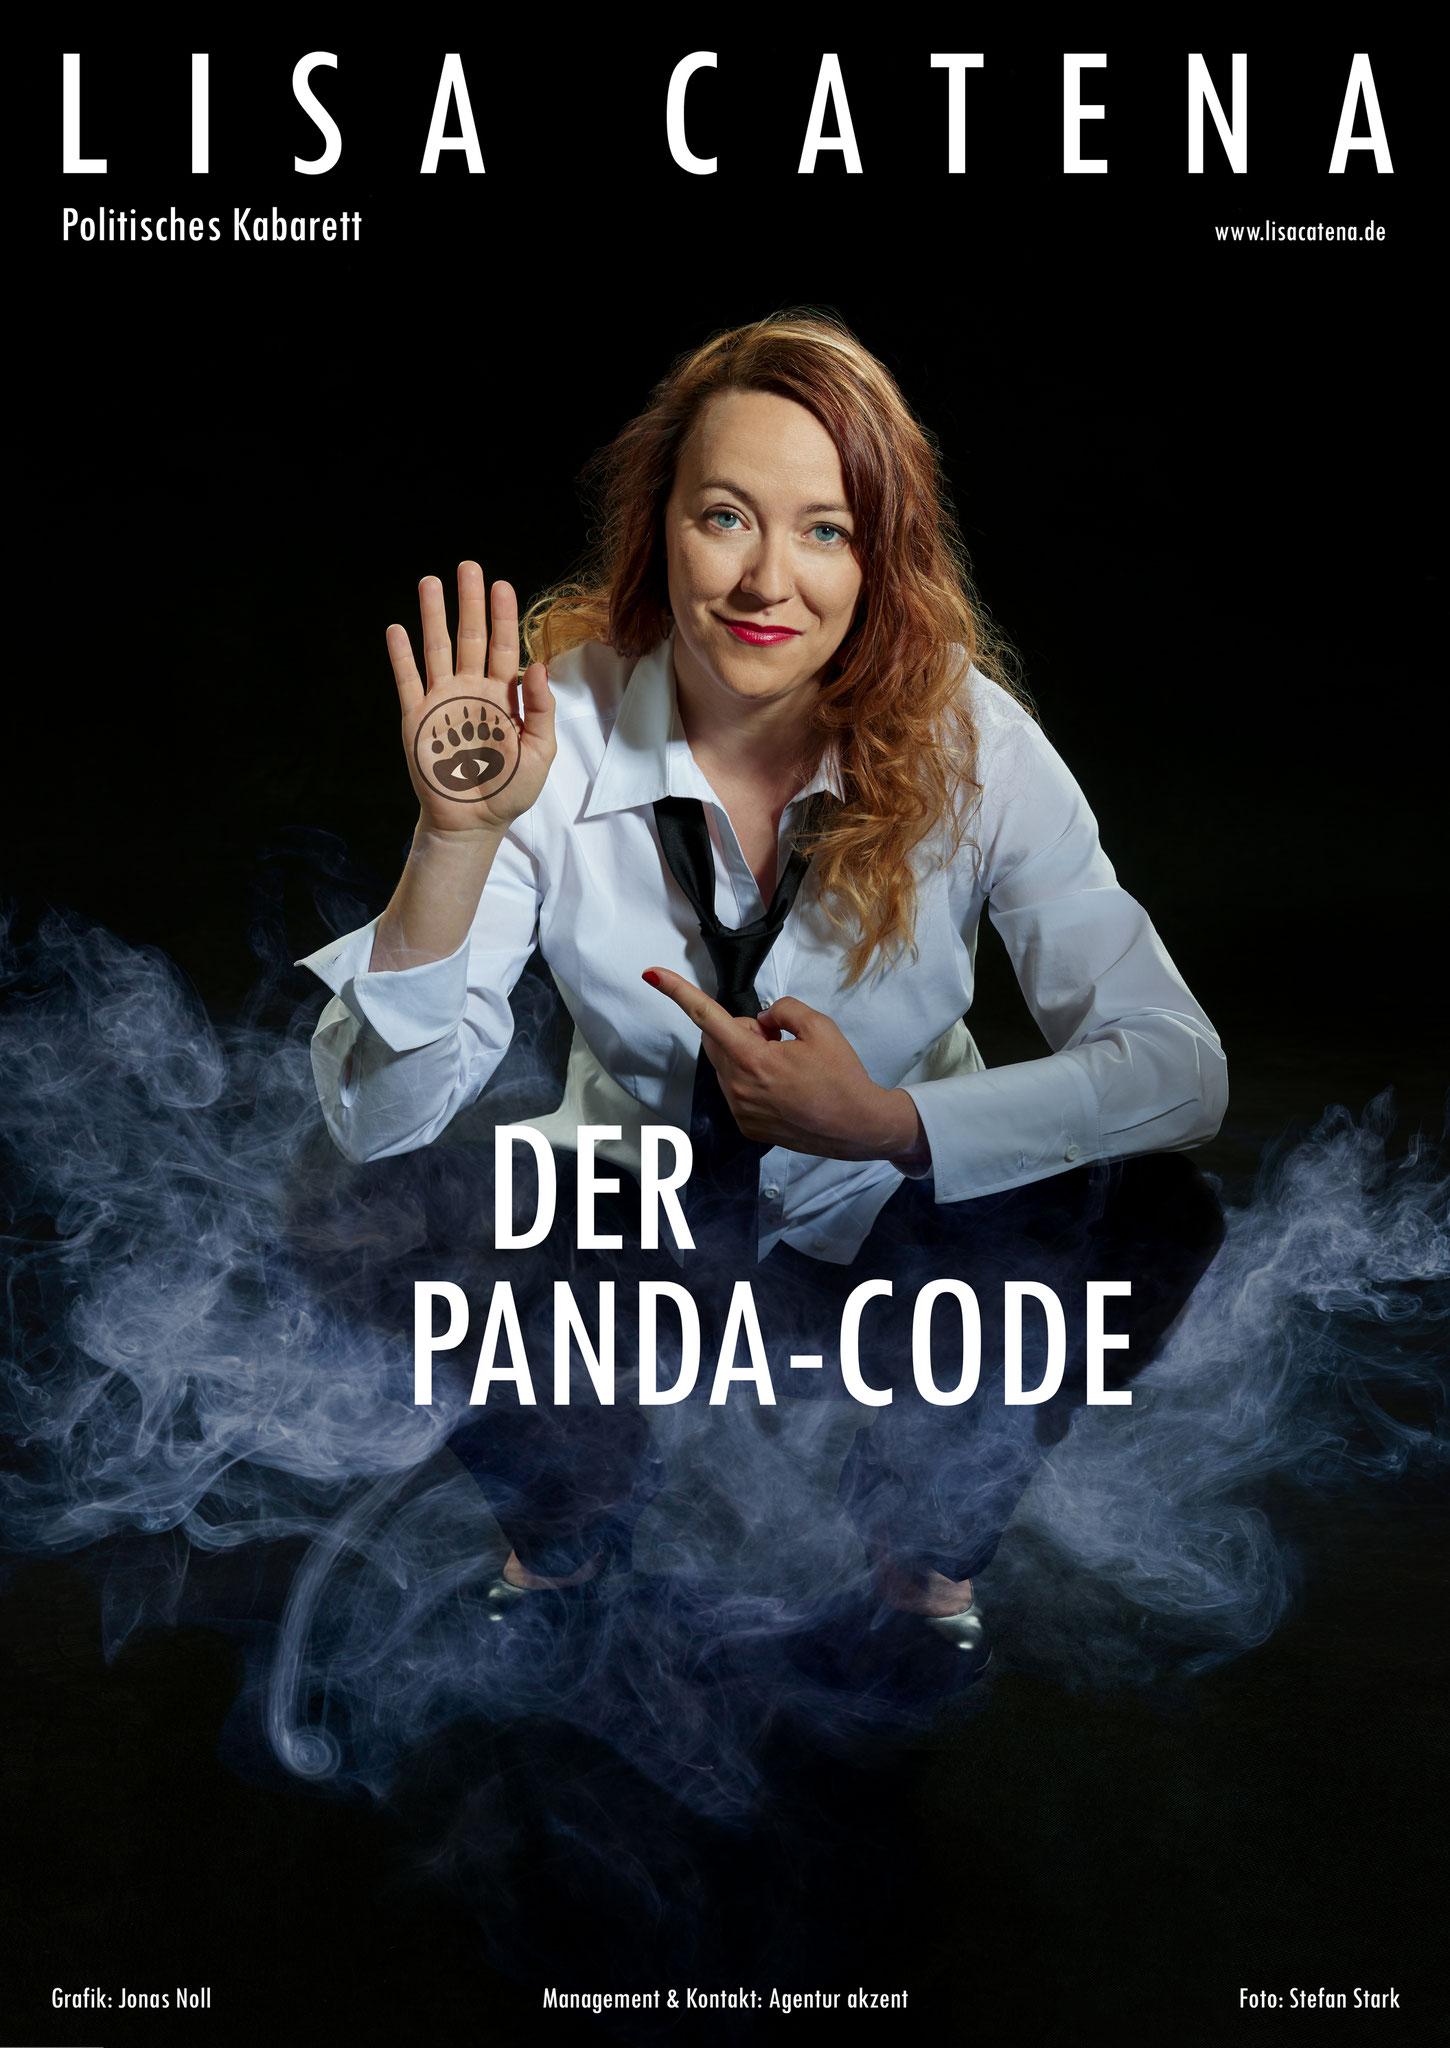 Plakat zum Kabarettprogramm von Lisa Catena. Herbst 2018